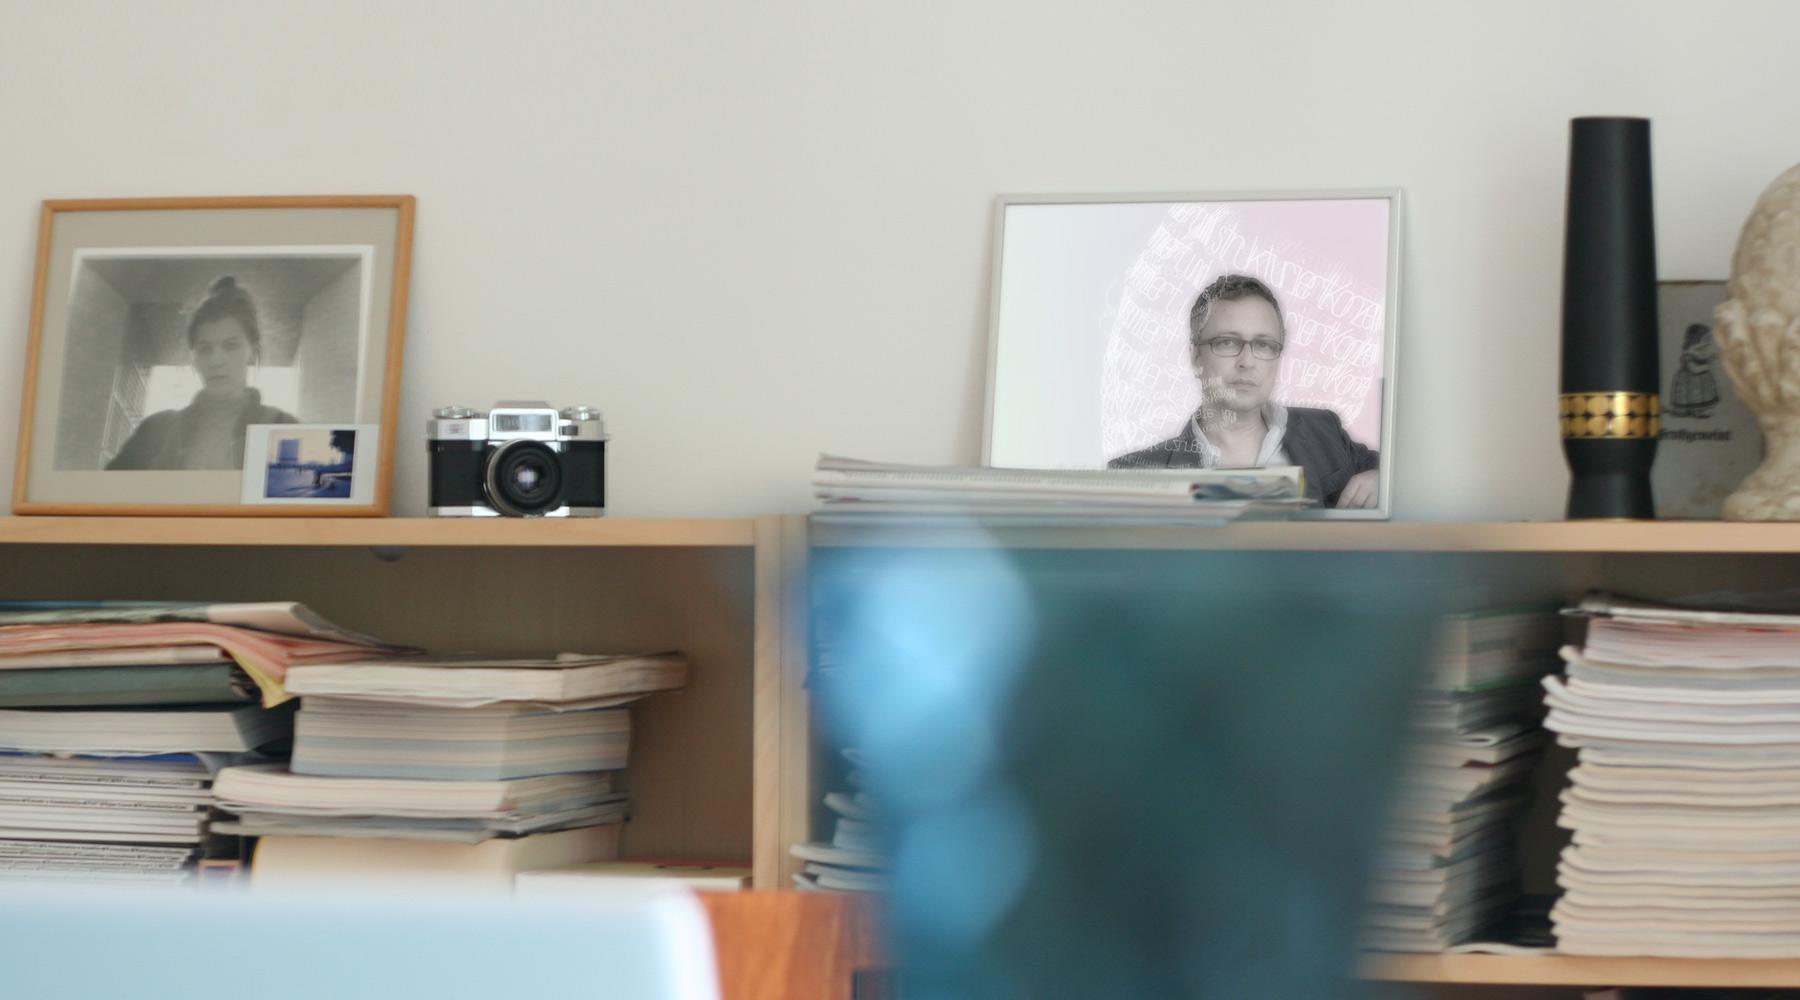 Innenansicht Agentur Bücherregal; Fotografien der Agenturinhaber